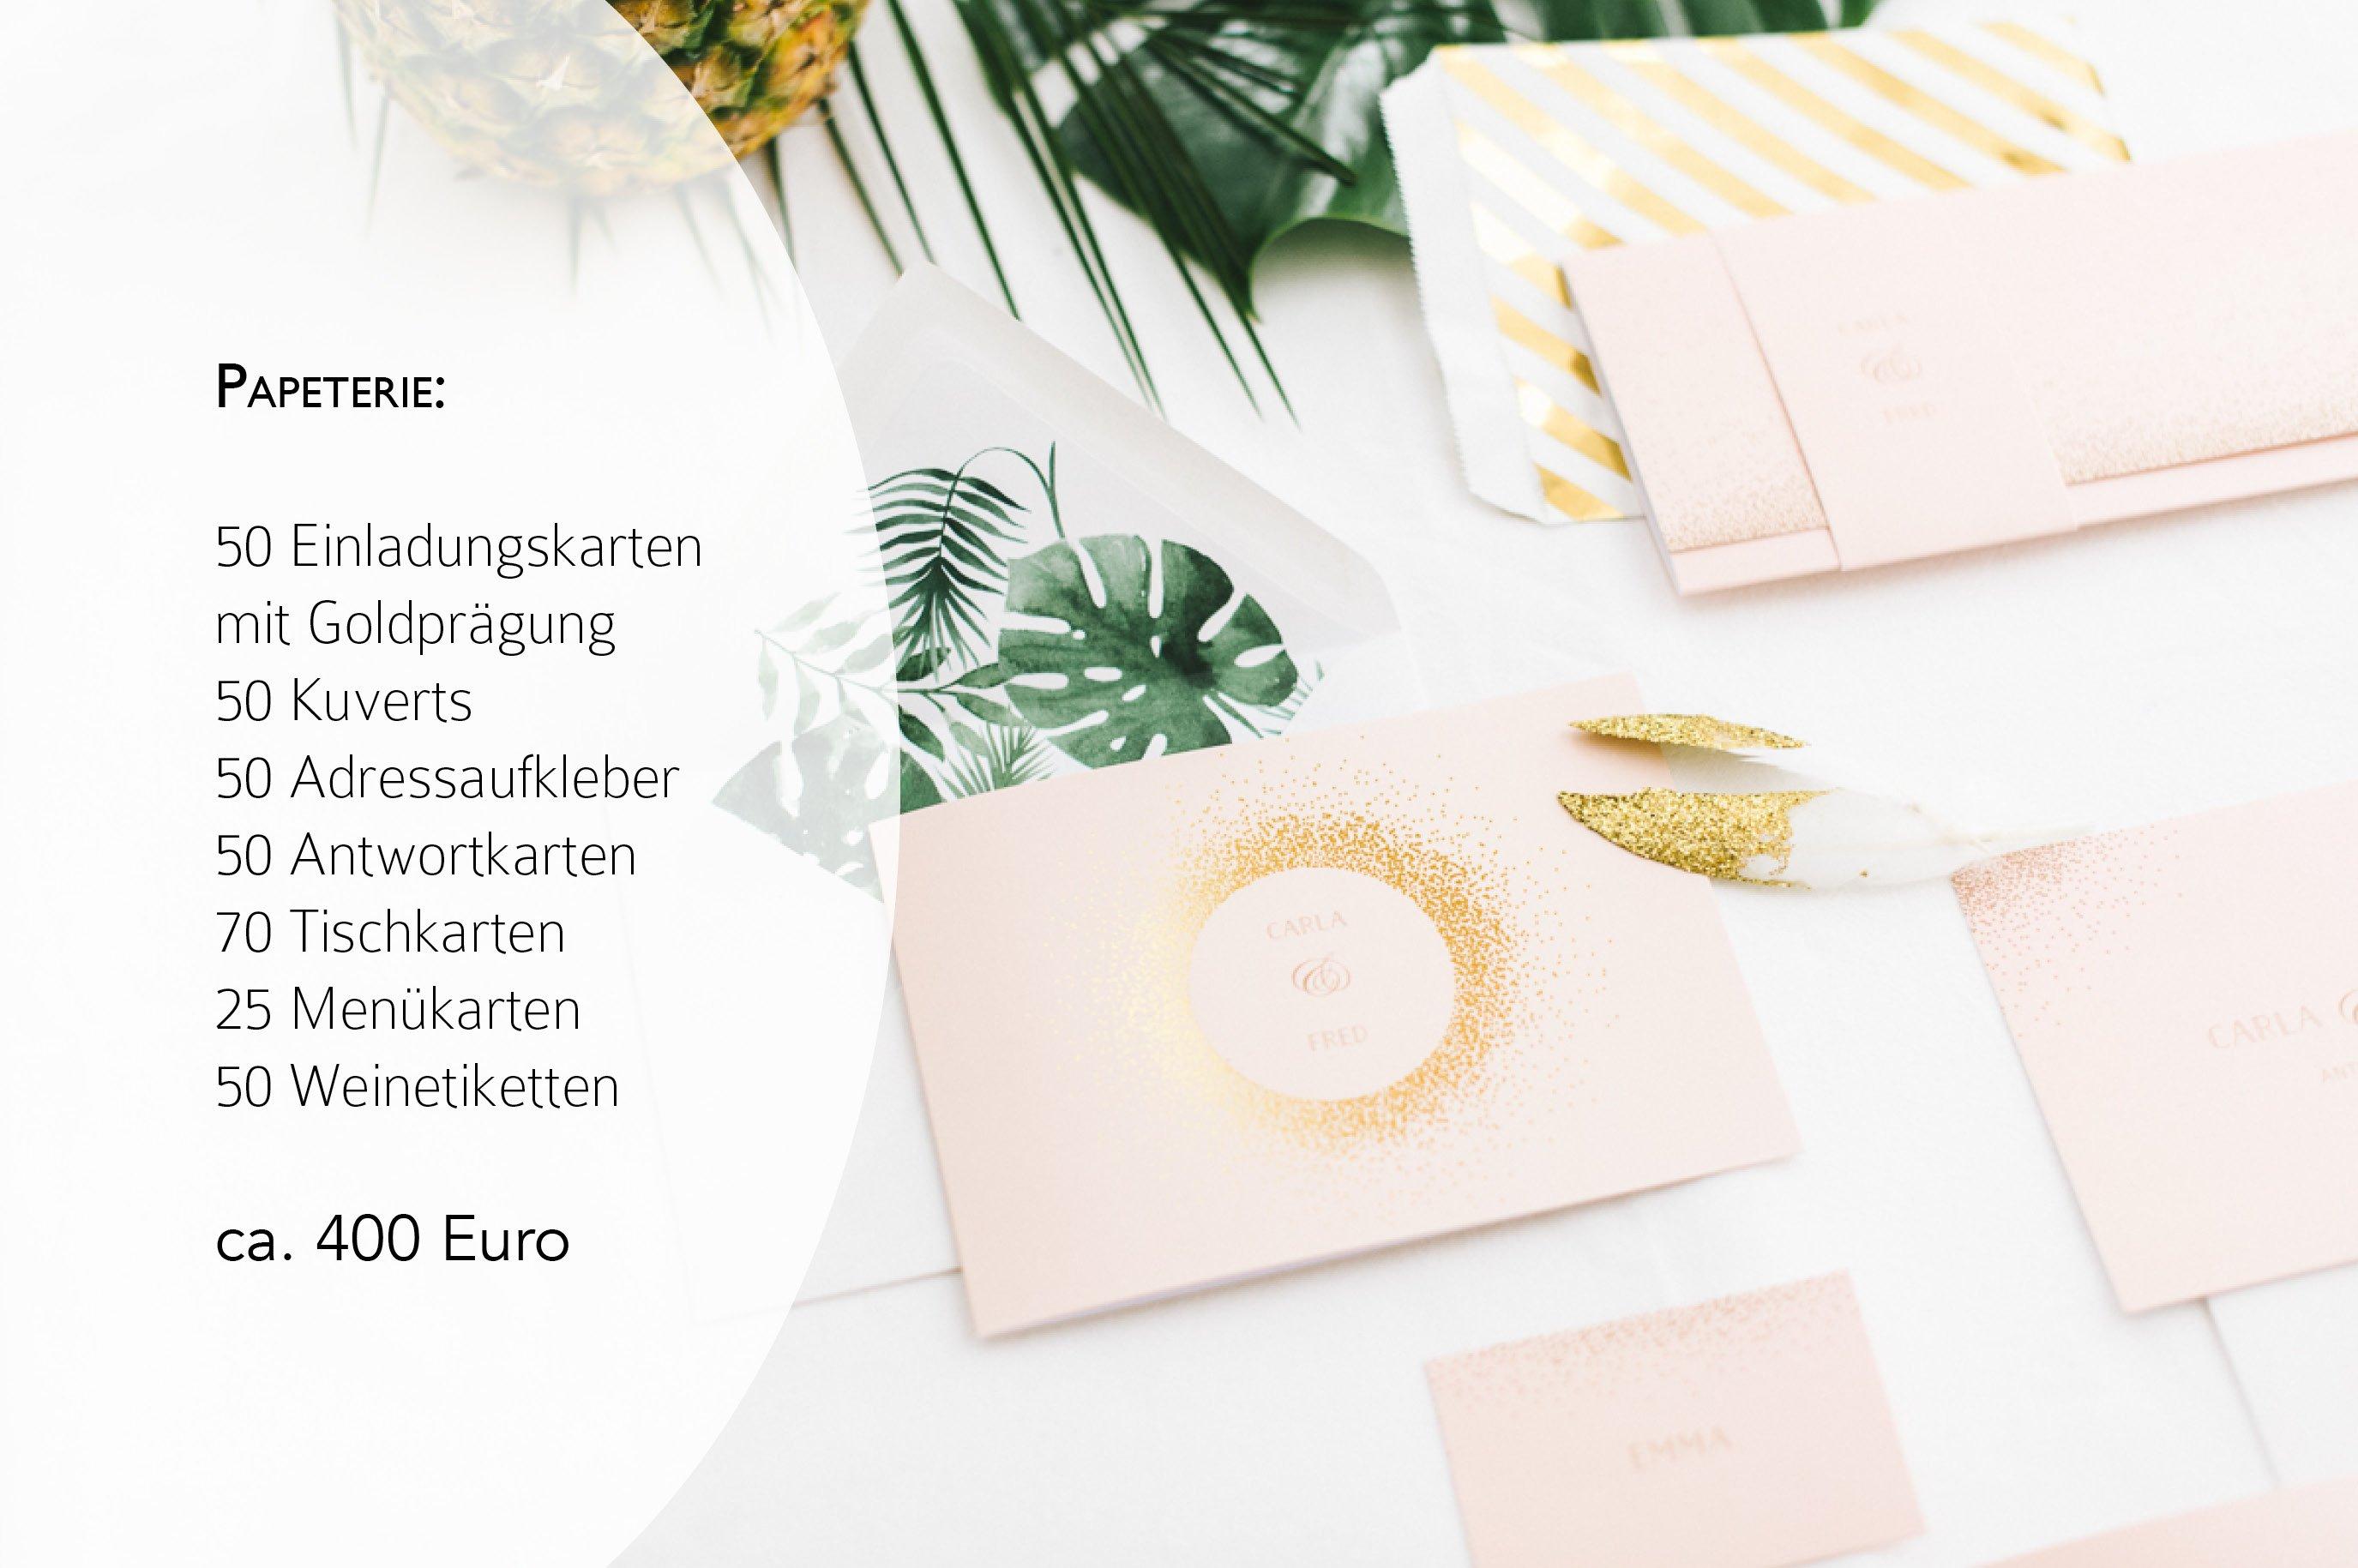 Preise für Brautkleid, Hochzeitstorte und Papeterie3